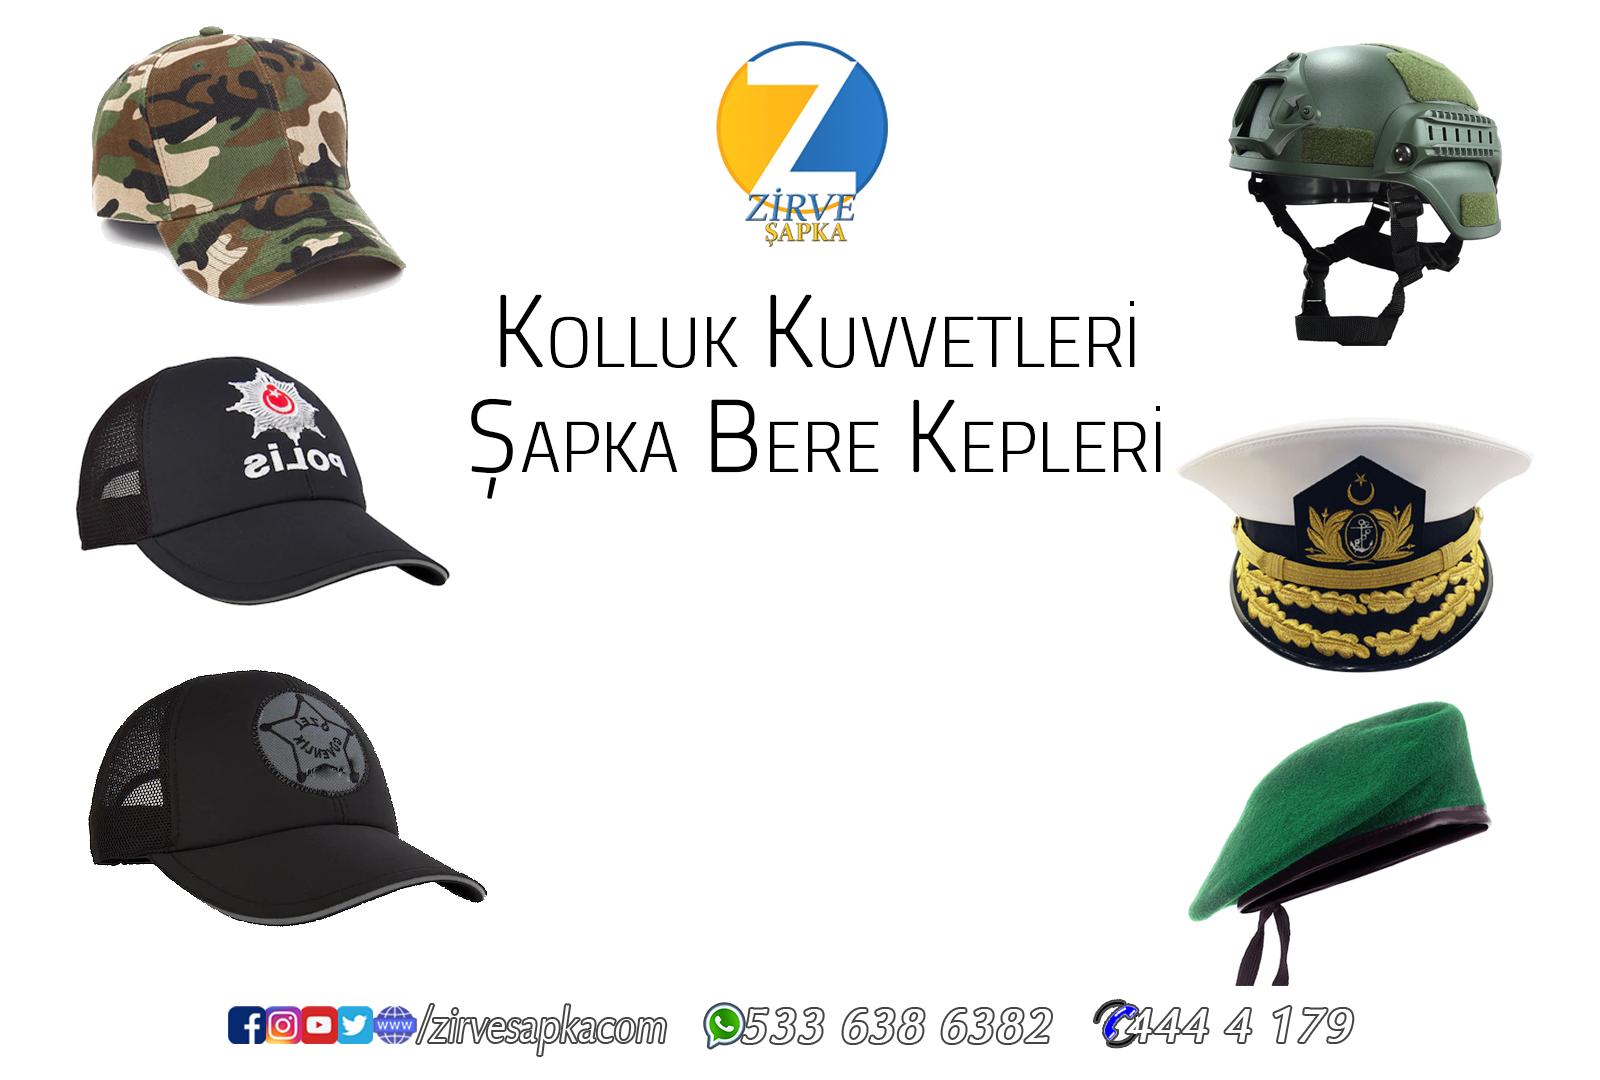 Kolluk Kuvvetlerinin Şapkaları